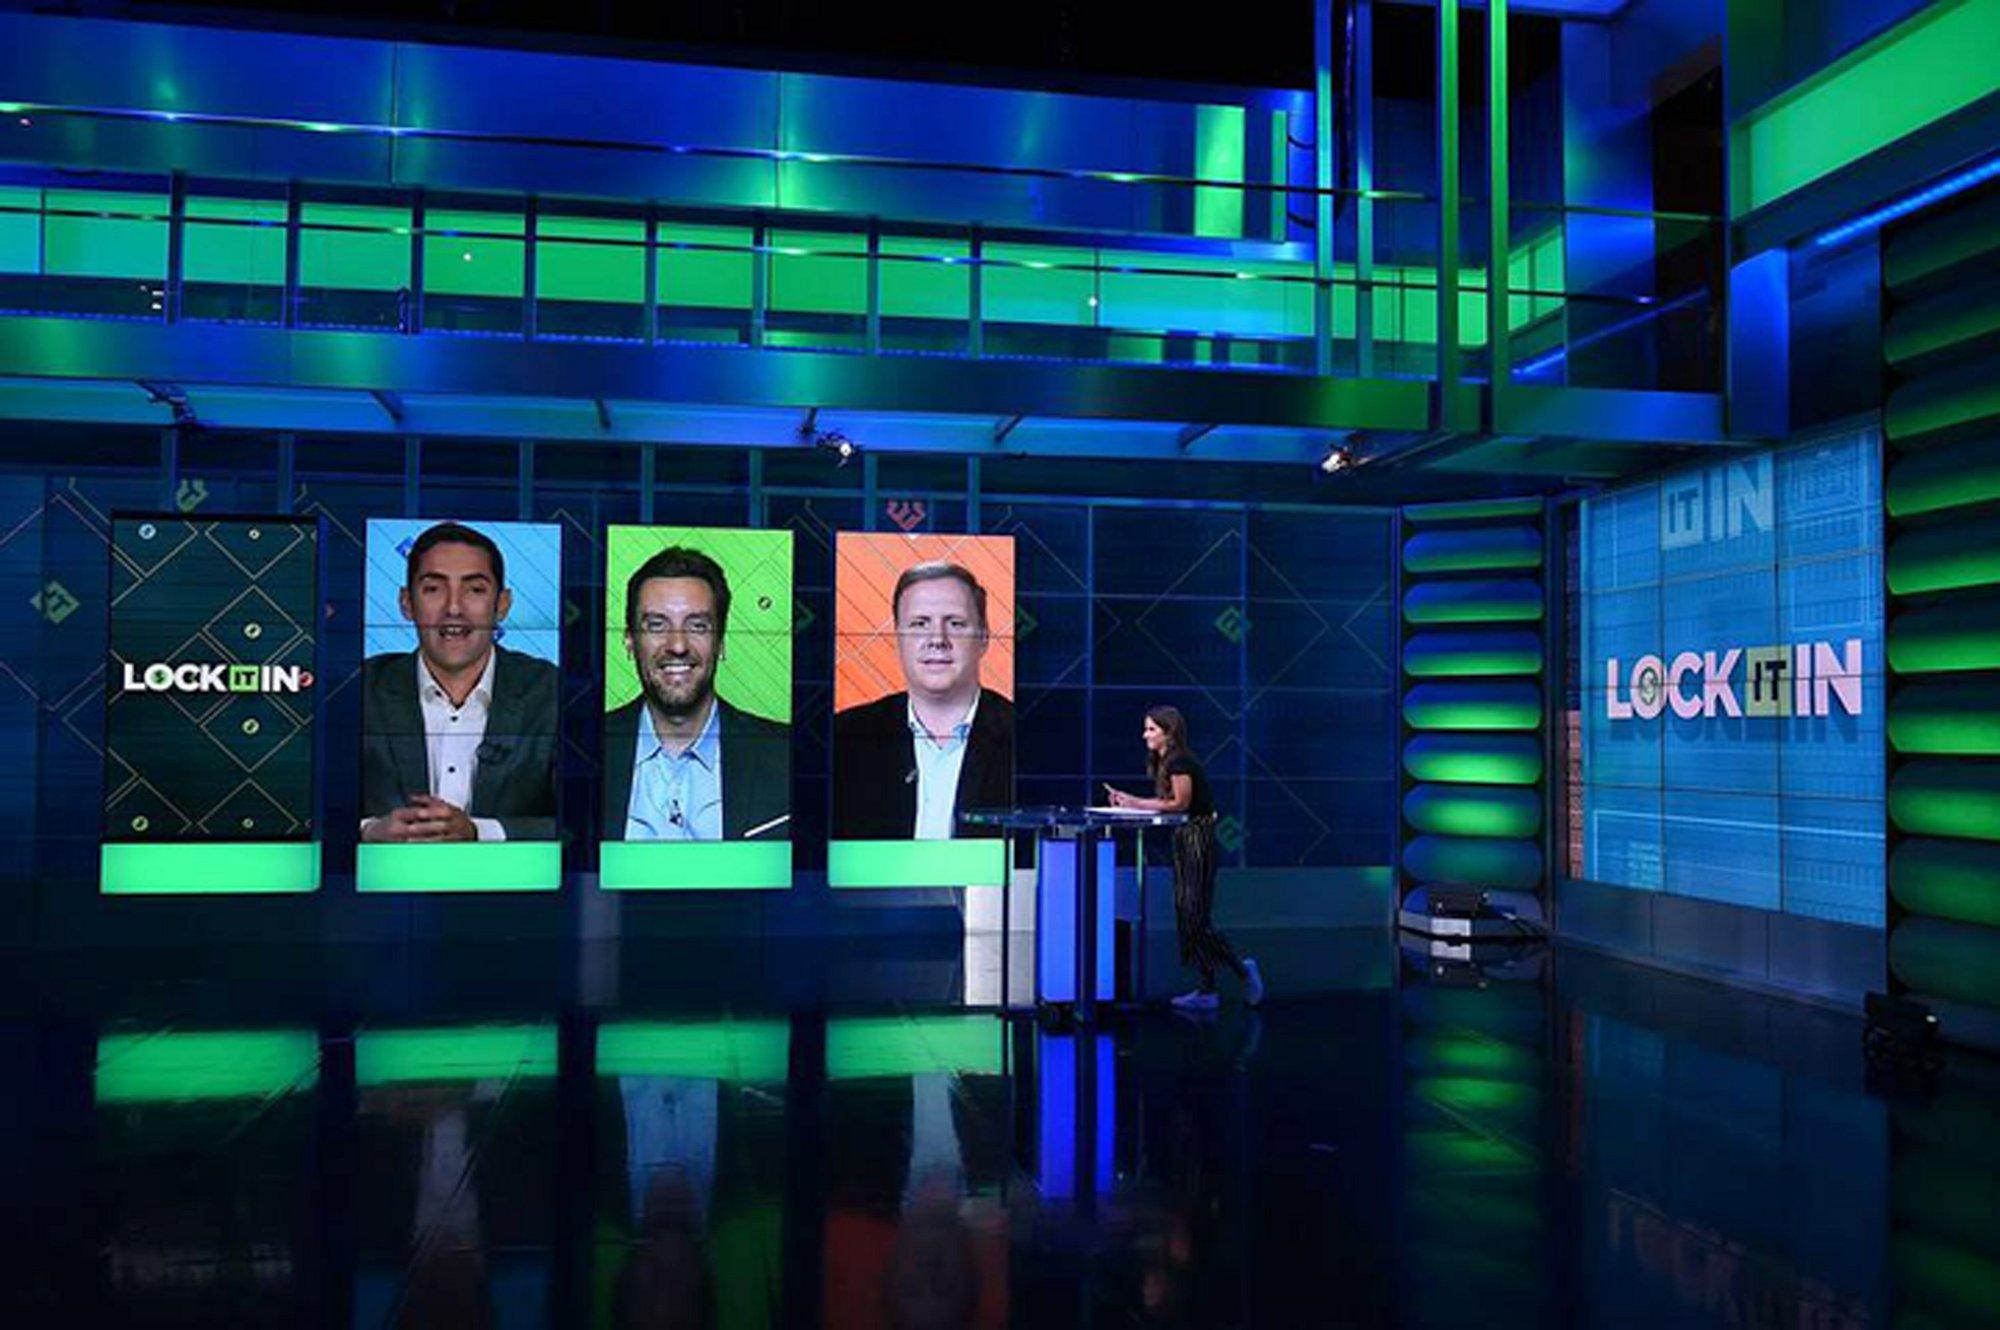 fs1 sports betting show